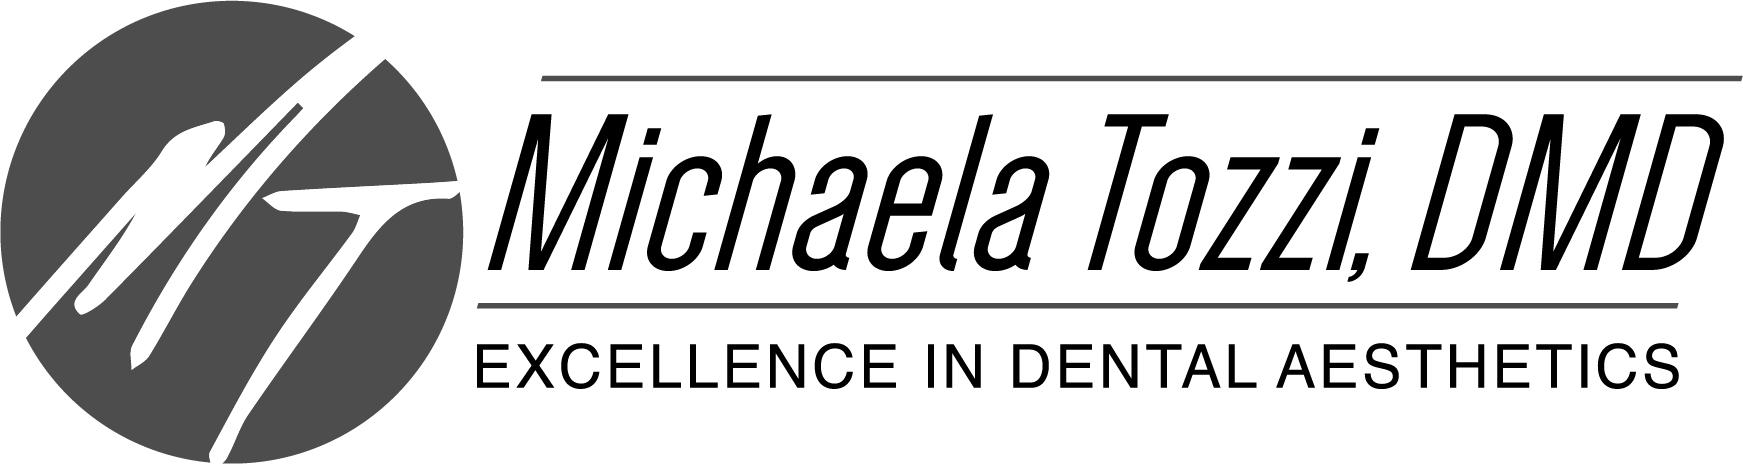 Dr. Michaela Tozzi